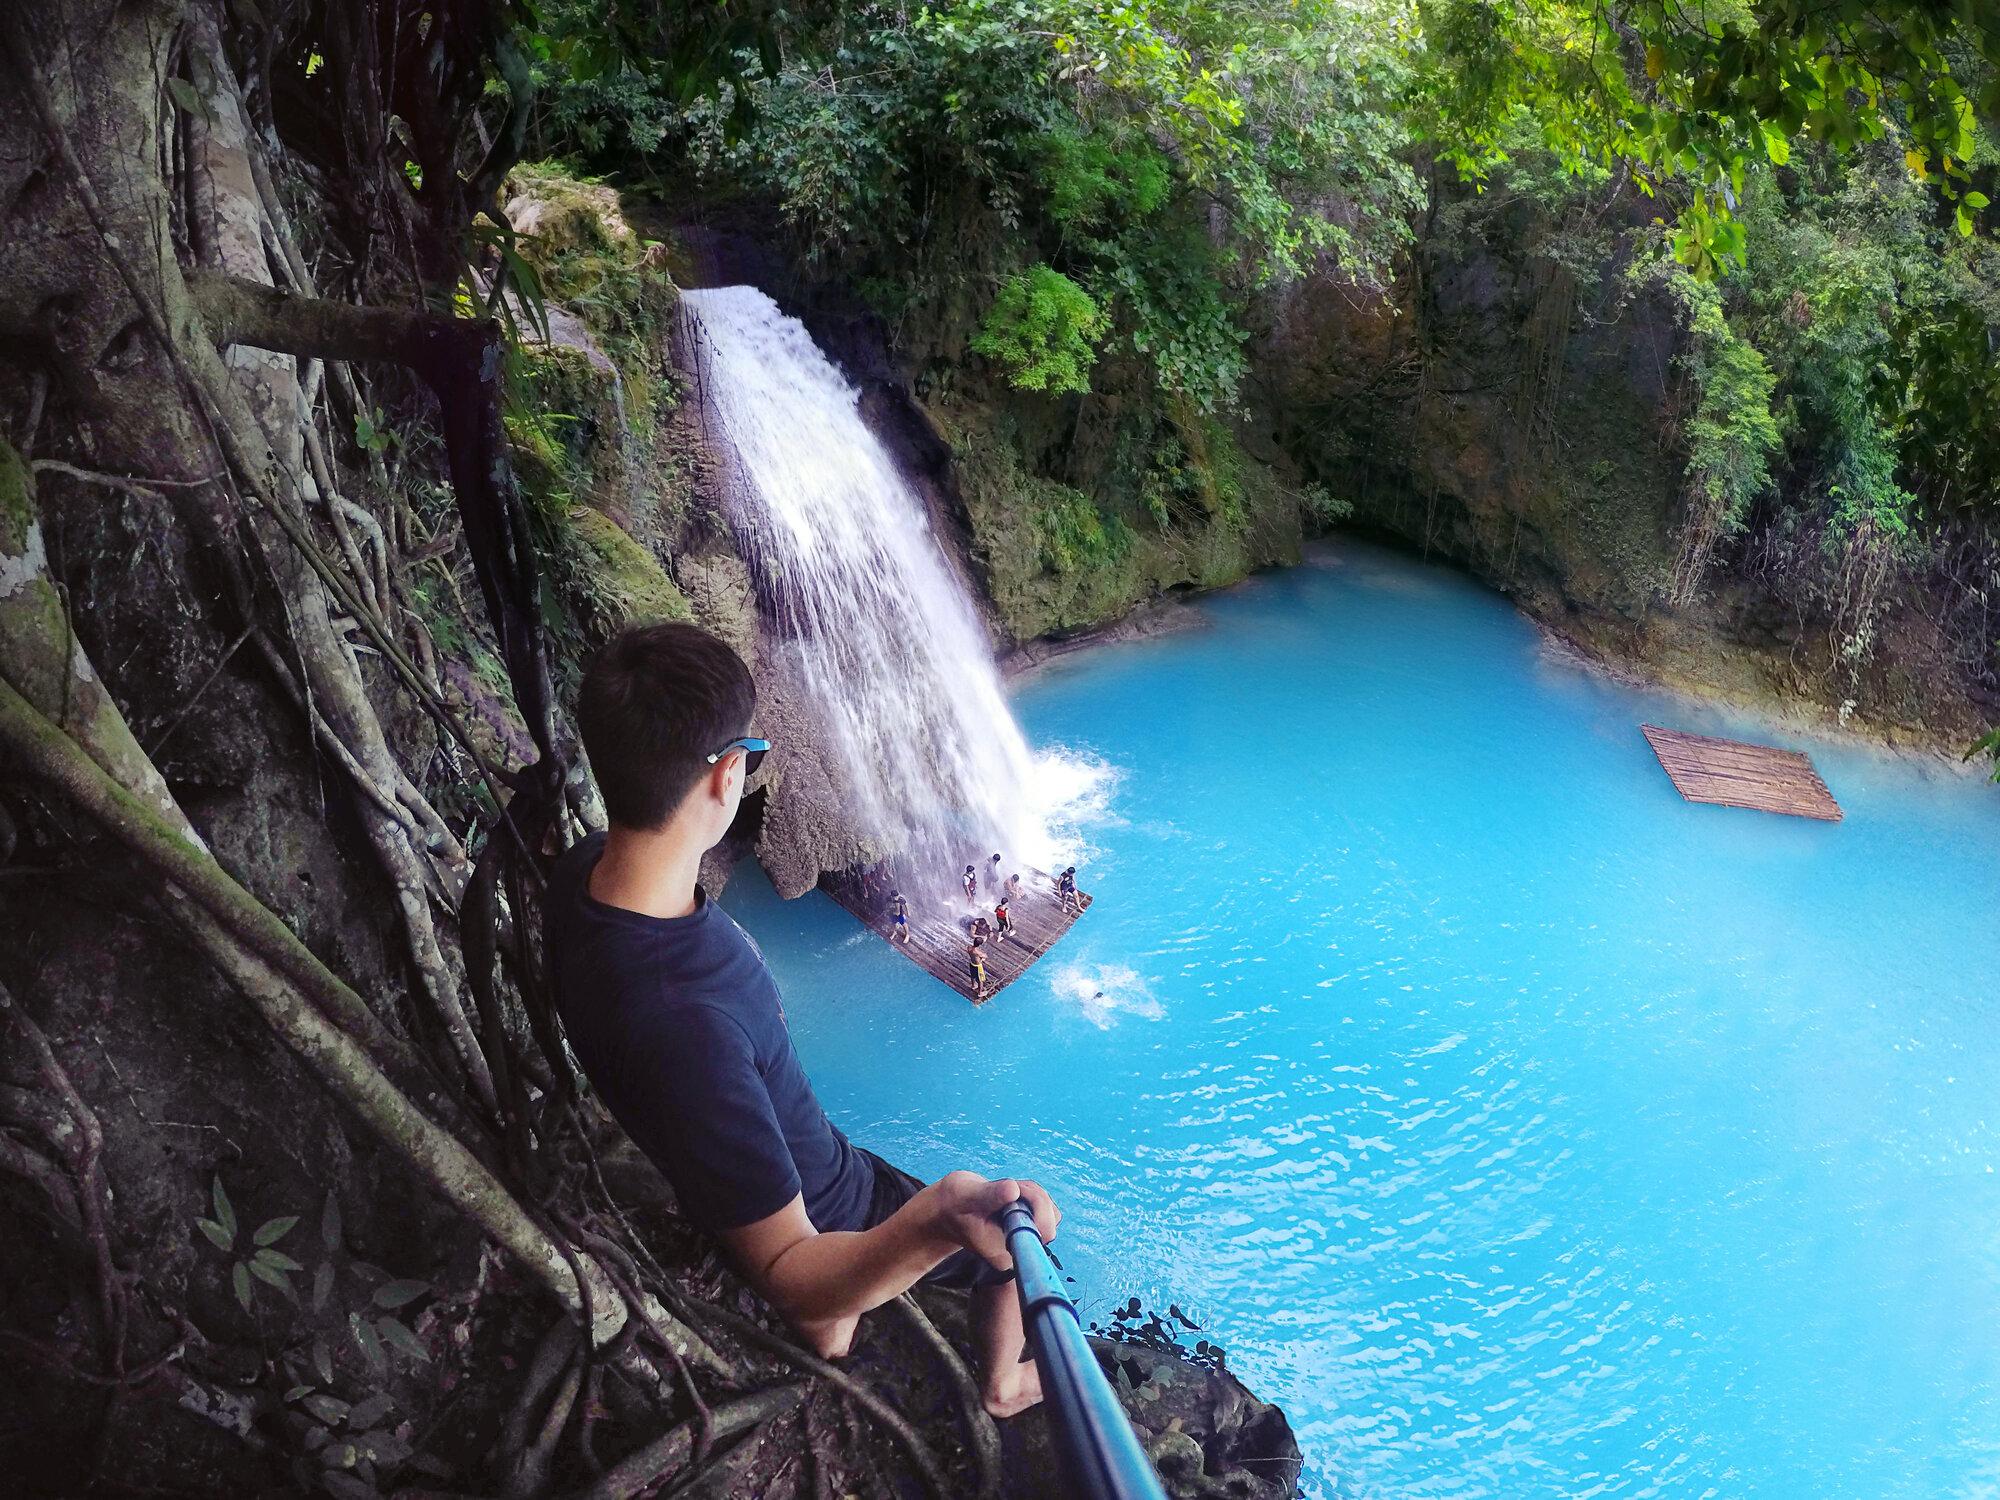 Canyoneering and Kawasan Falls in Badian, Cebu